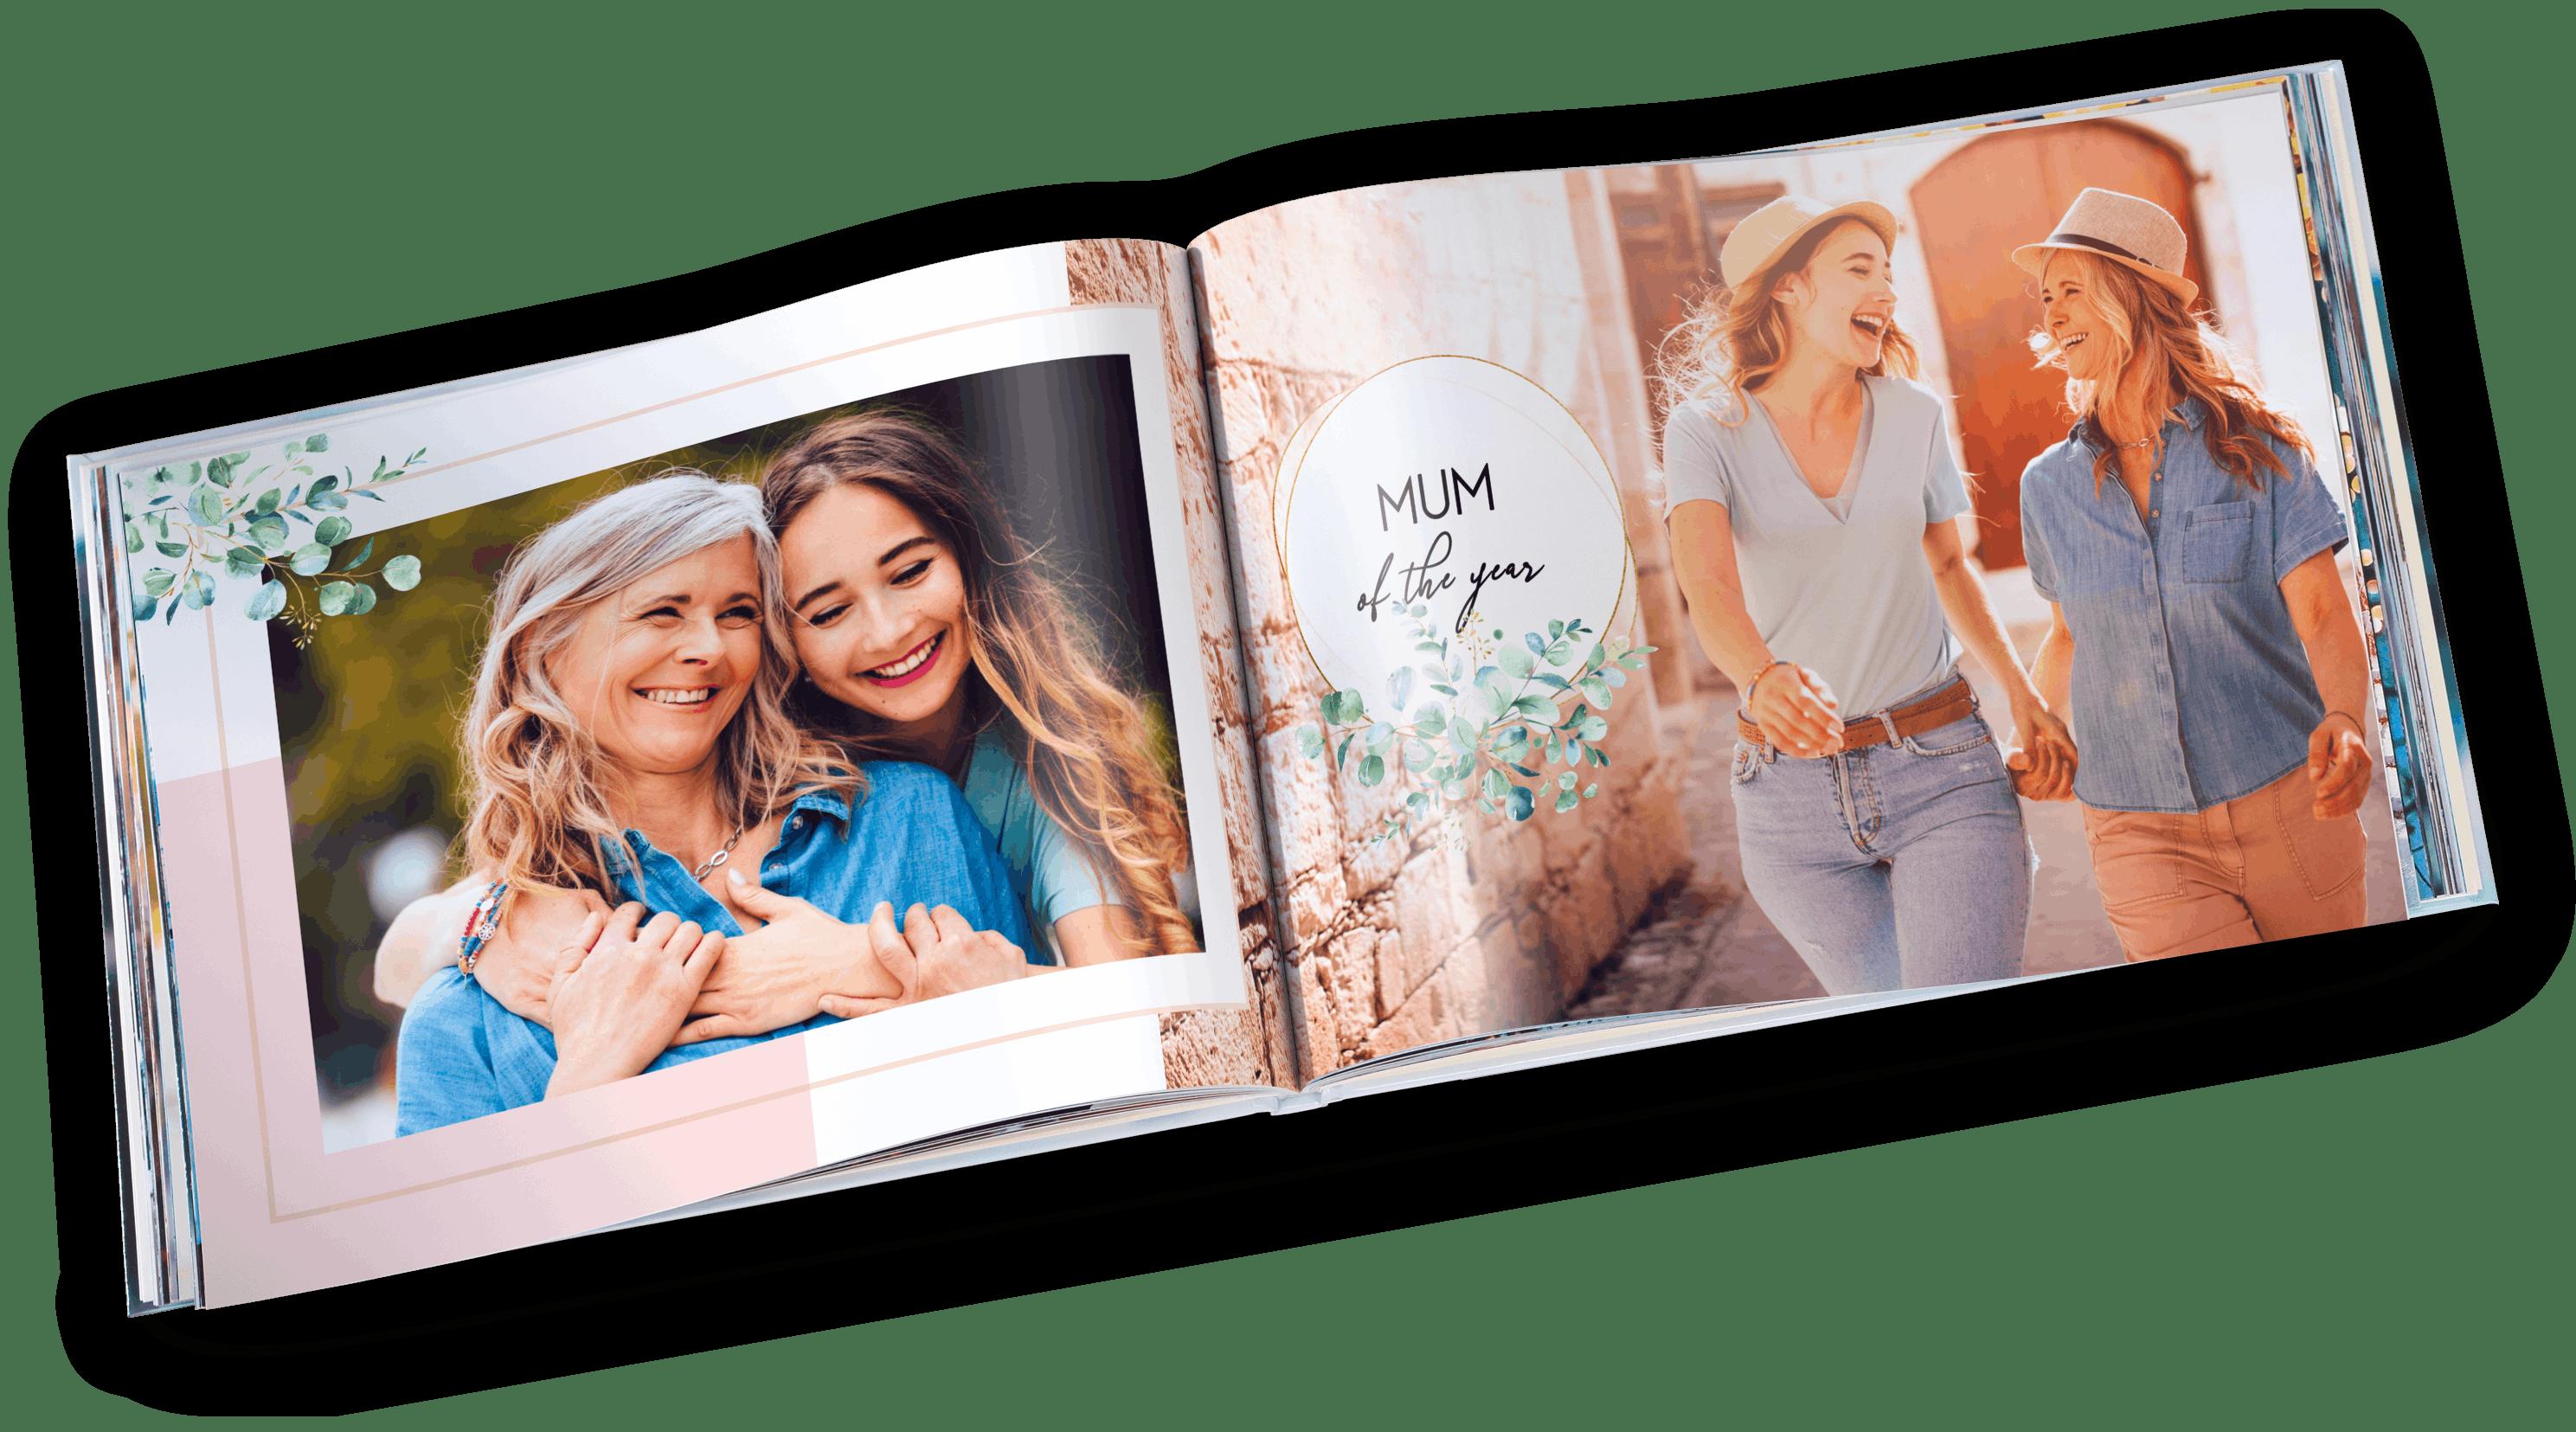 Pixum Fotobuch im Querformat im Muttertag Ambiente